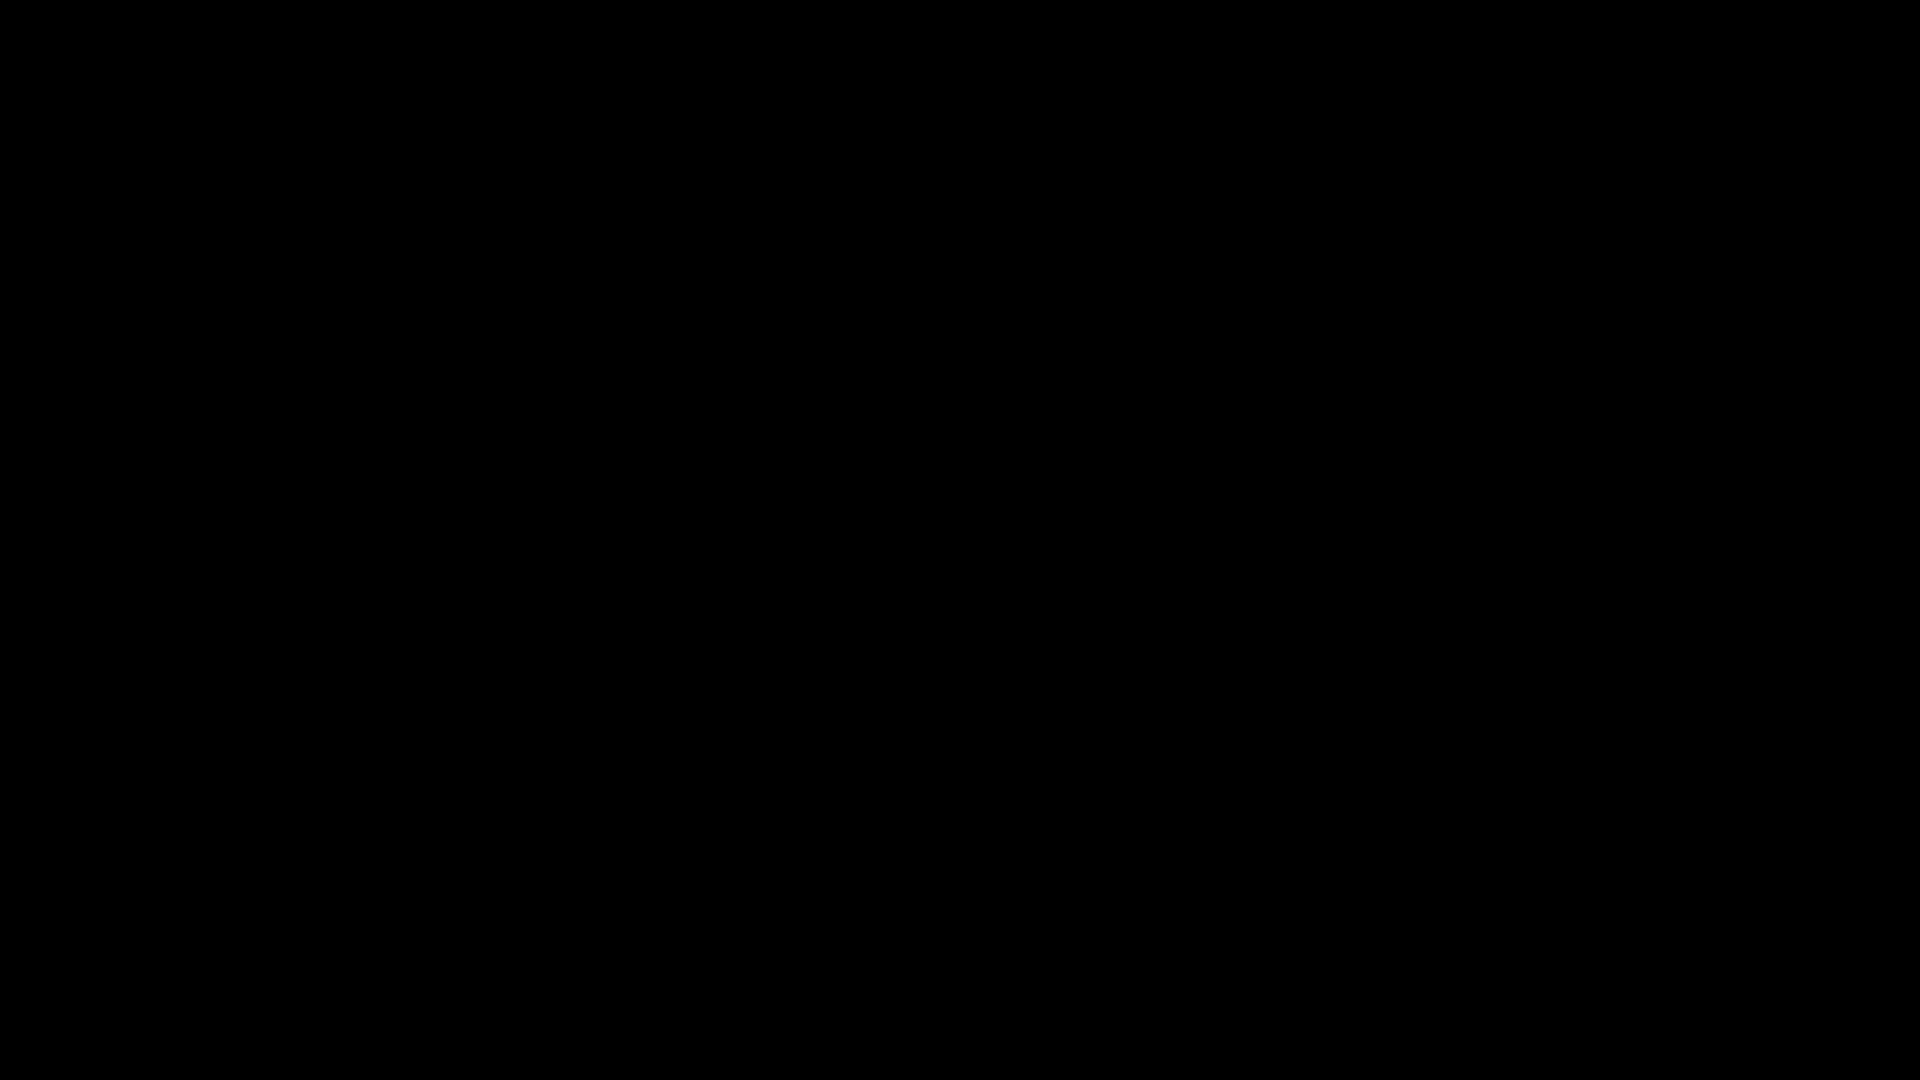 hintergrundbilder fisch schwarzer hintergrund - photo #24